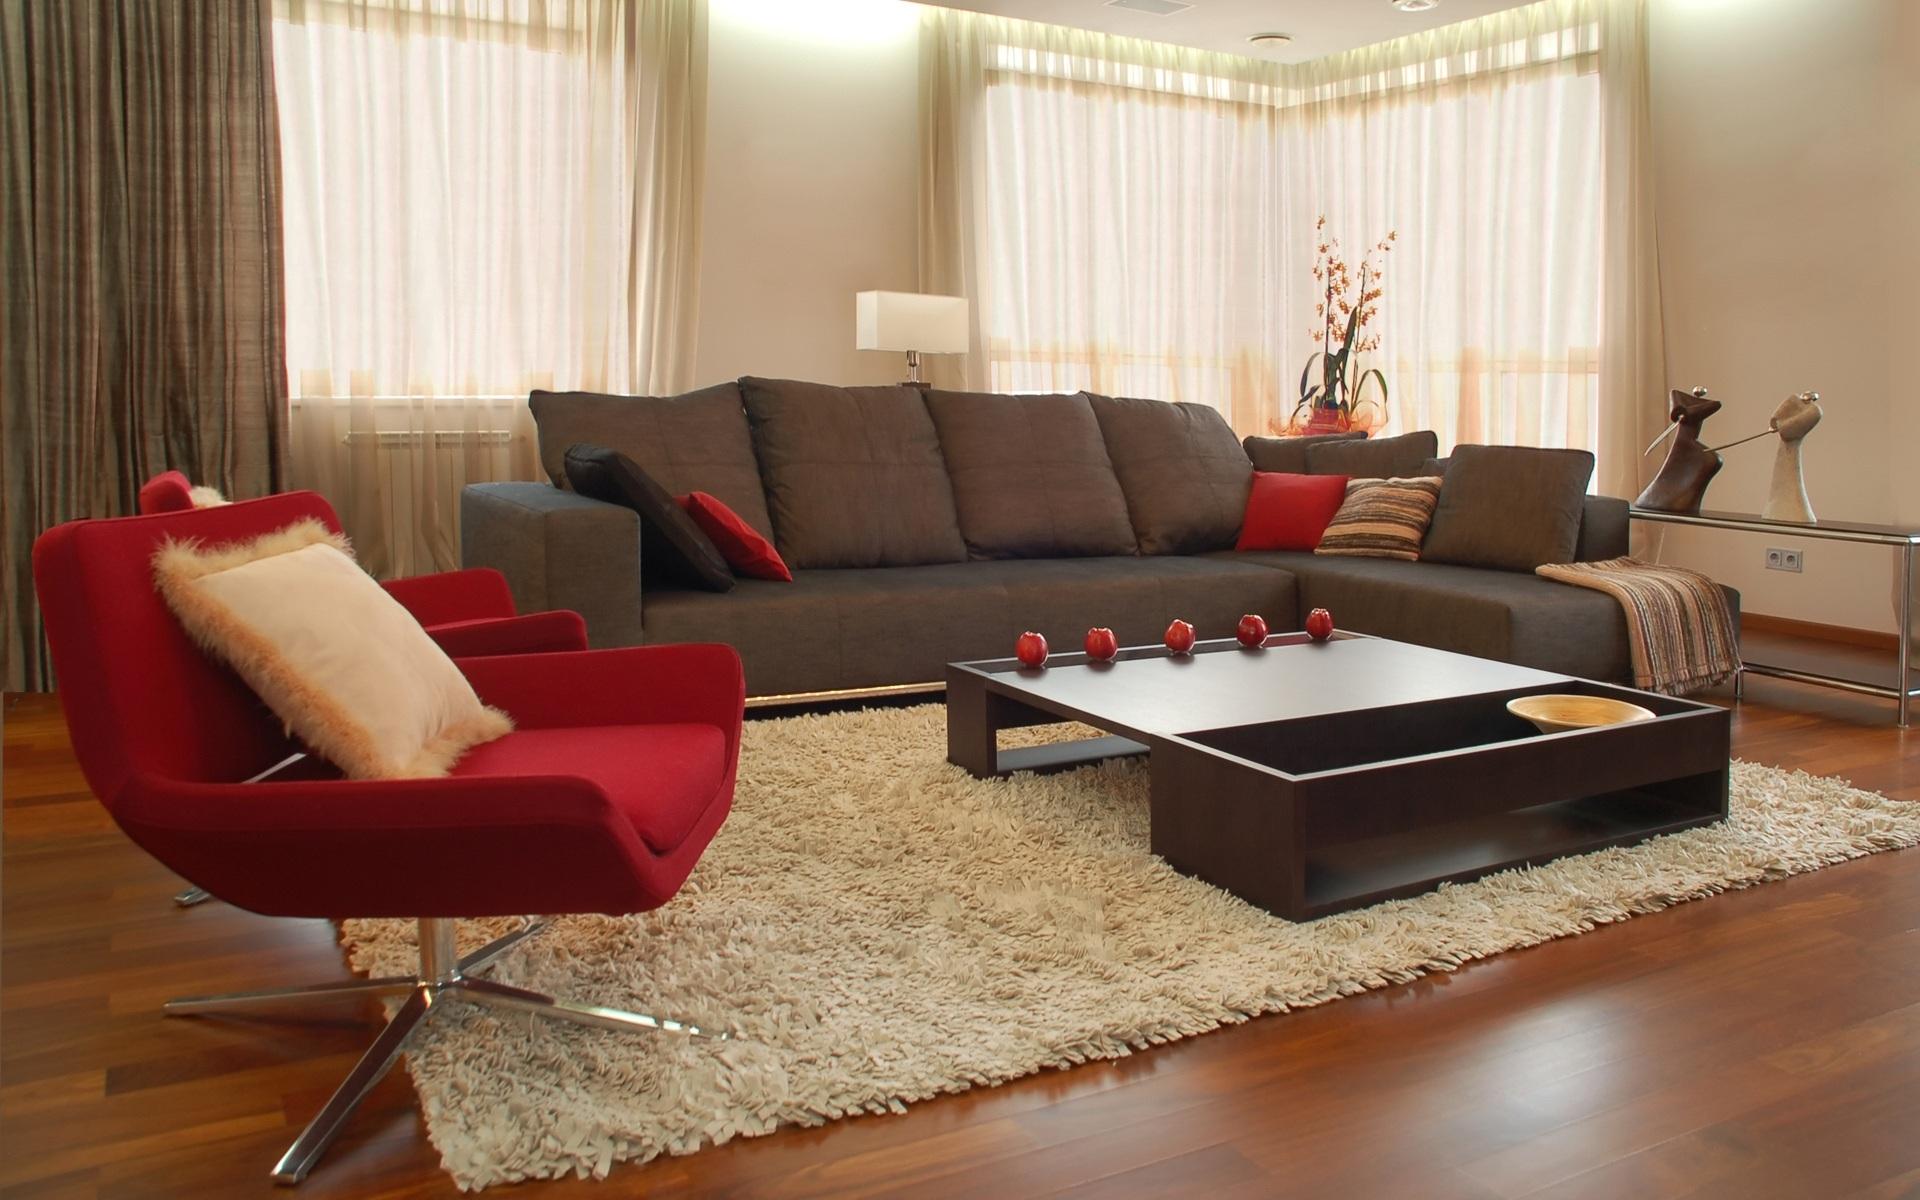 تصميم غرف معيشة باللون البني هادئة